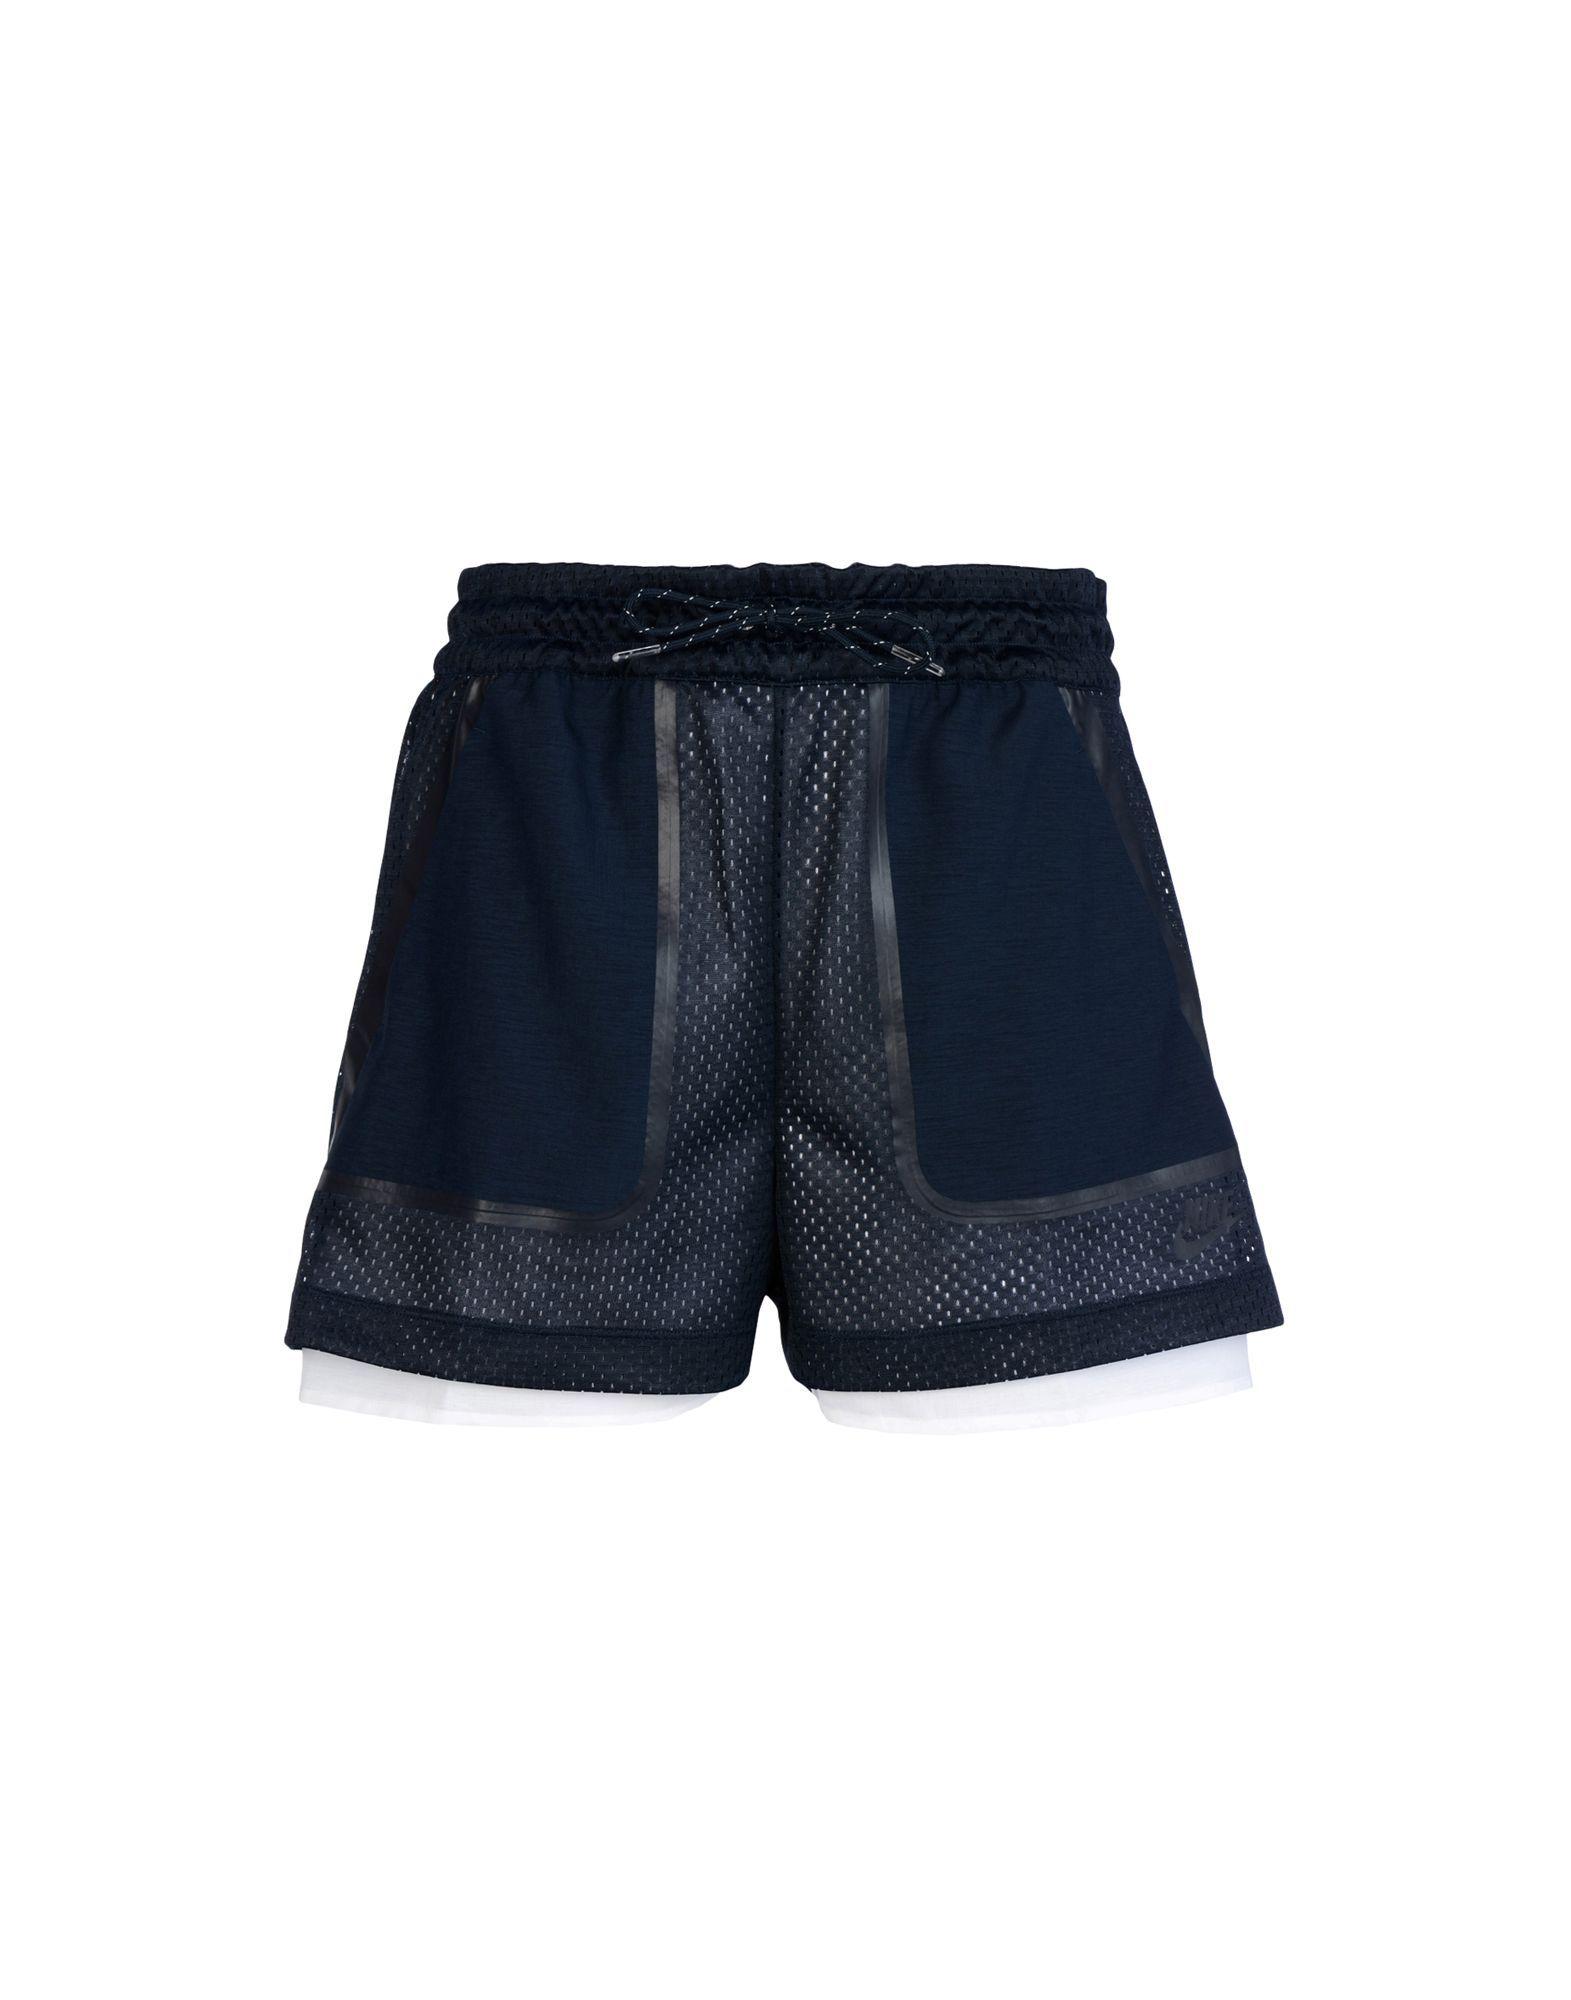 Nike Dark Blue Shorts